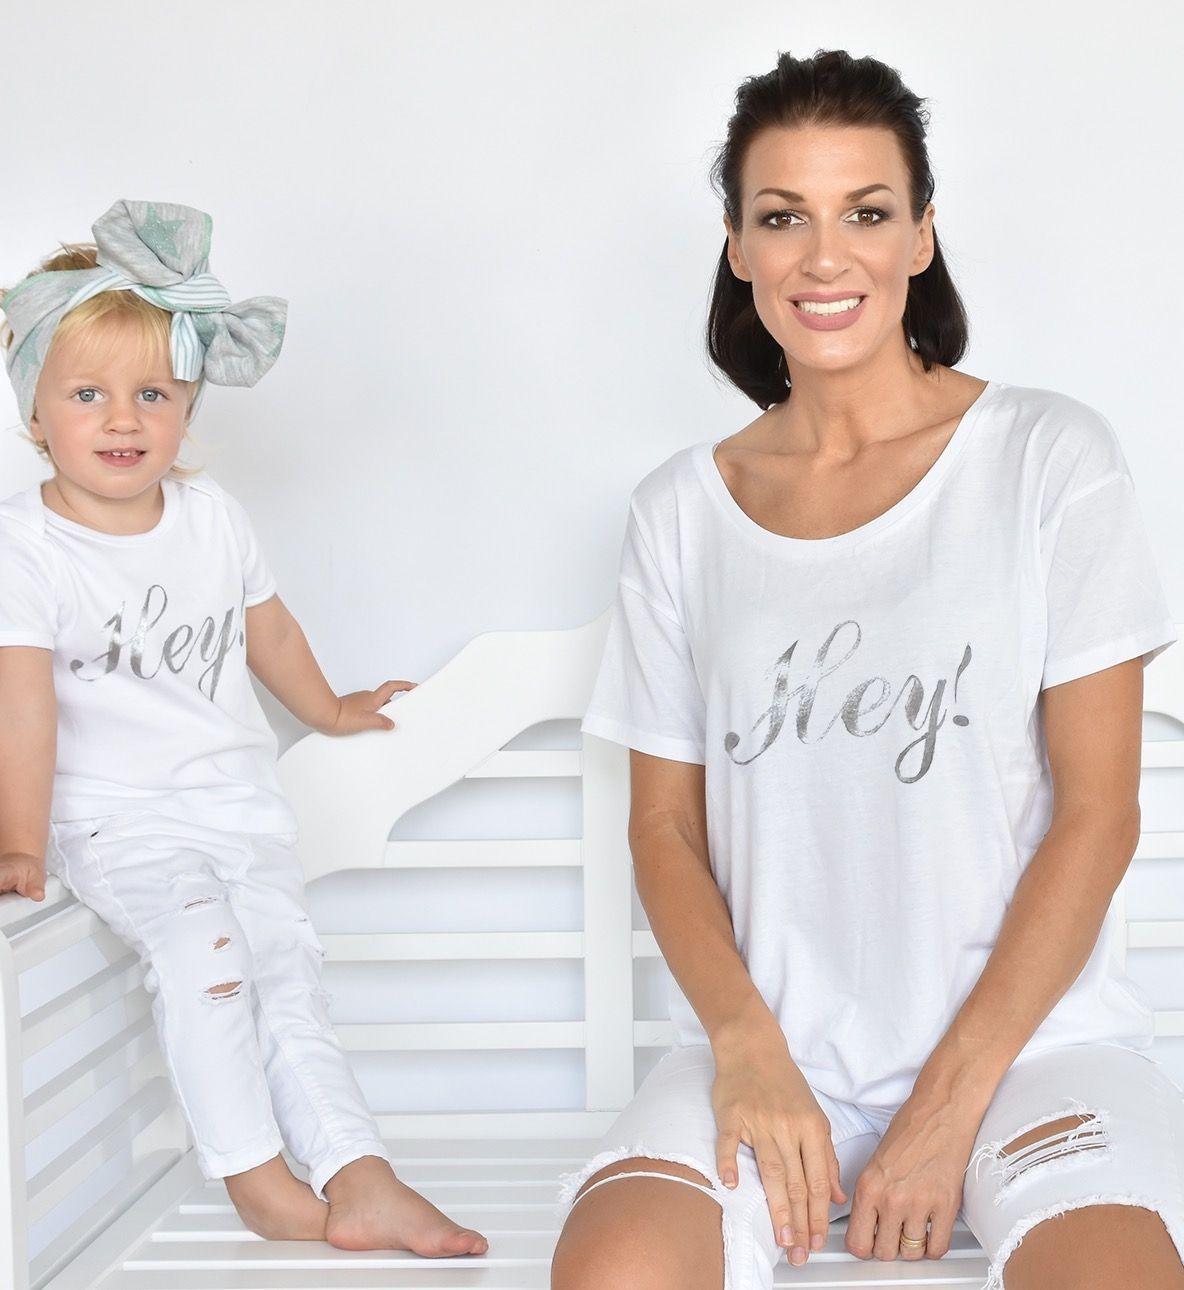 t shirt im partnerlook f r mutter und kind baby mit hey text shirts pinterest. Black Bedroom Furniture Sets. Home Design Ideas